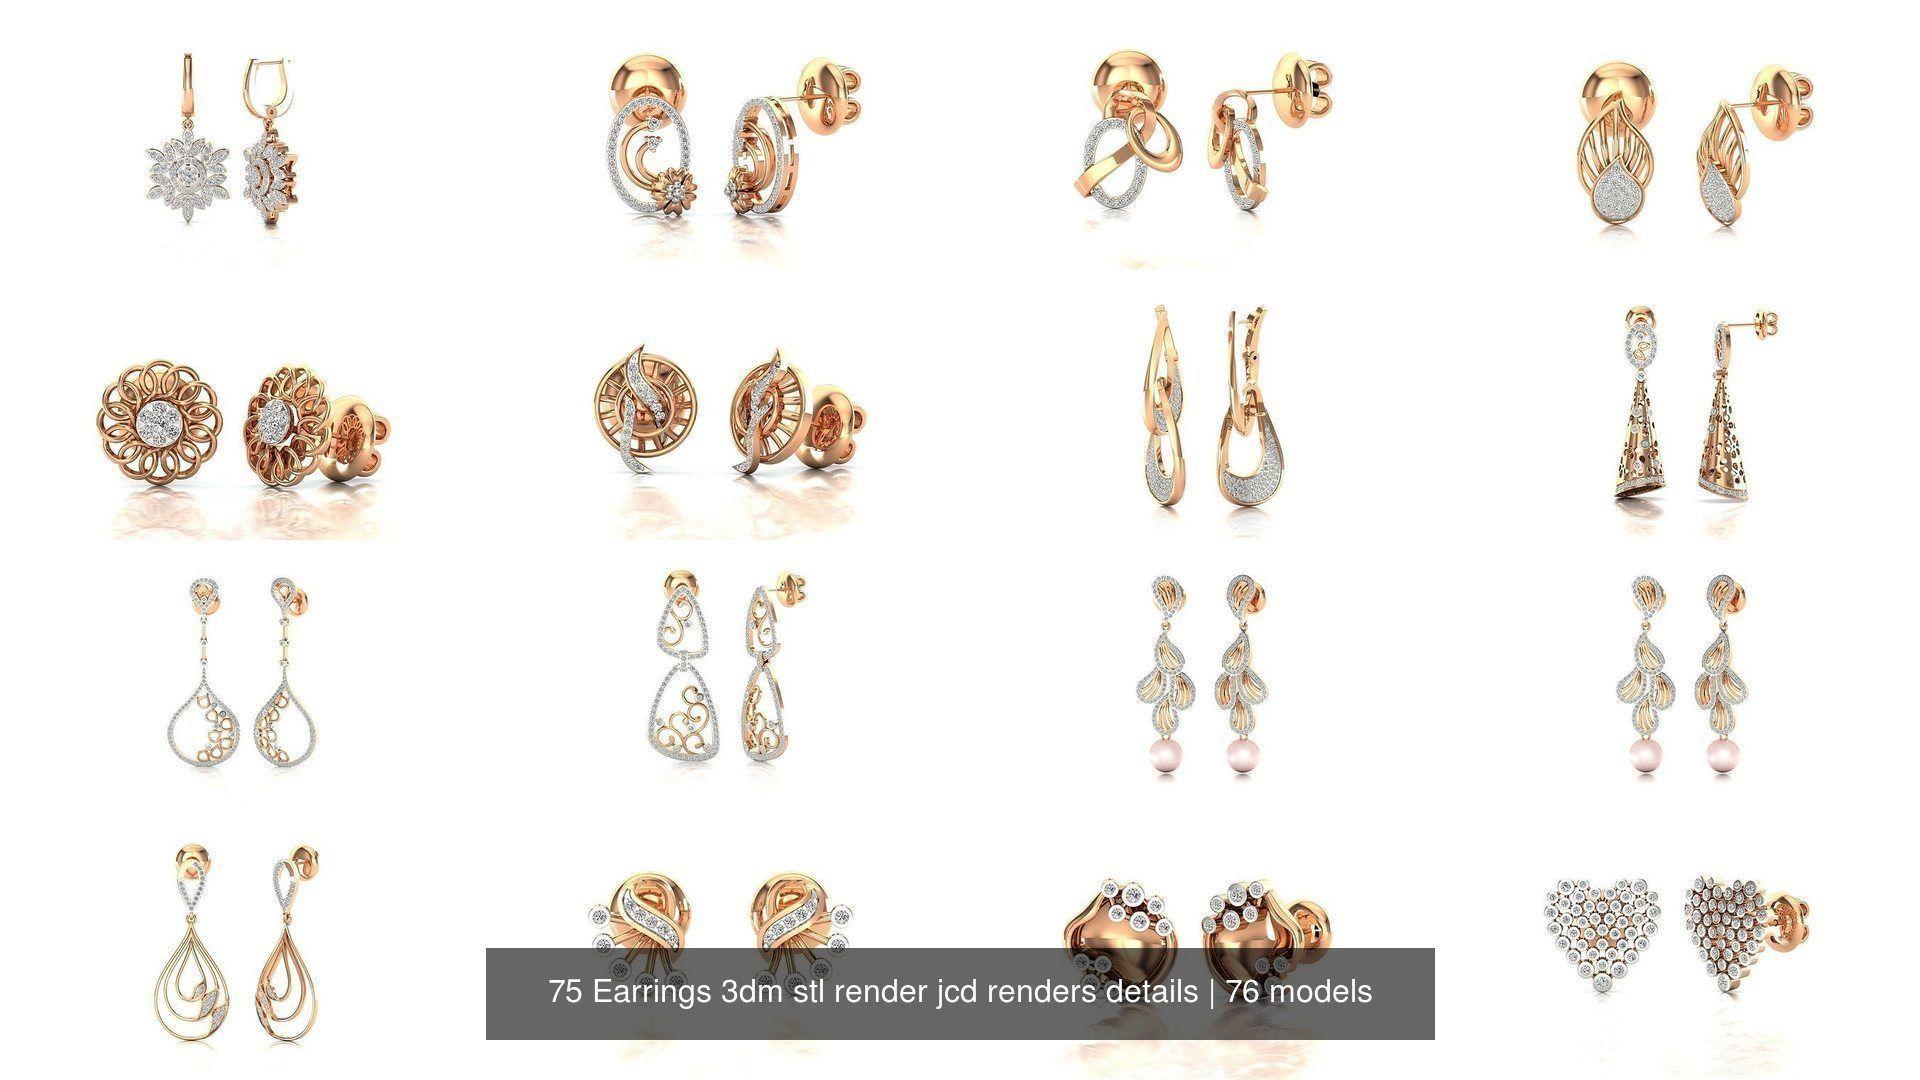 75 Earrings 3dm stl render jcd renders details